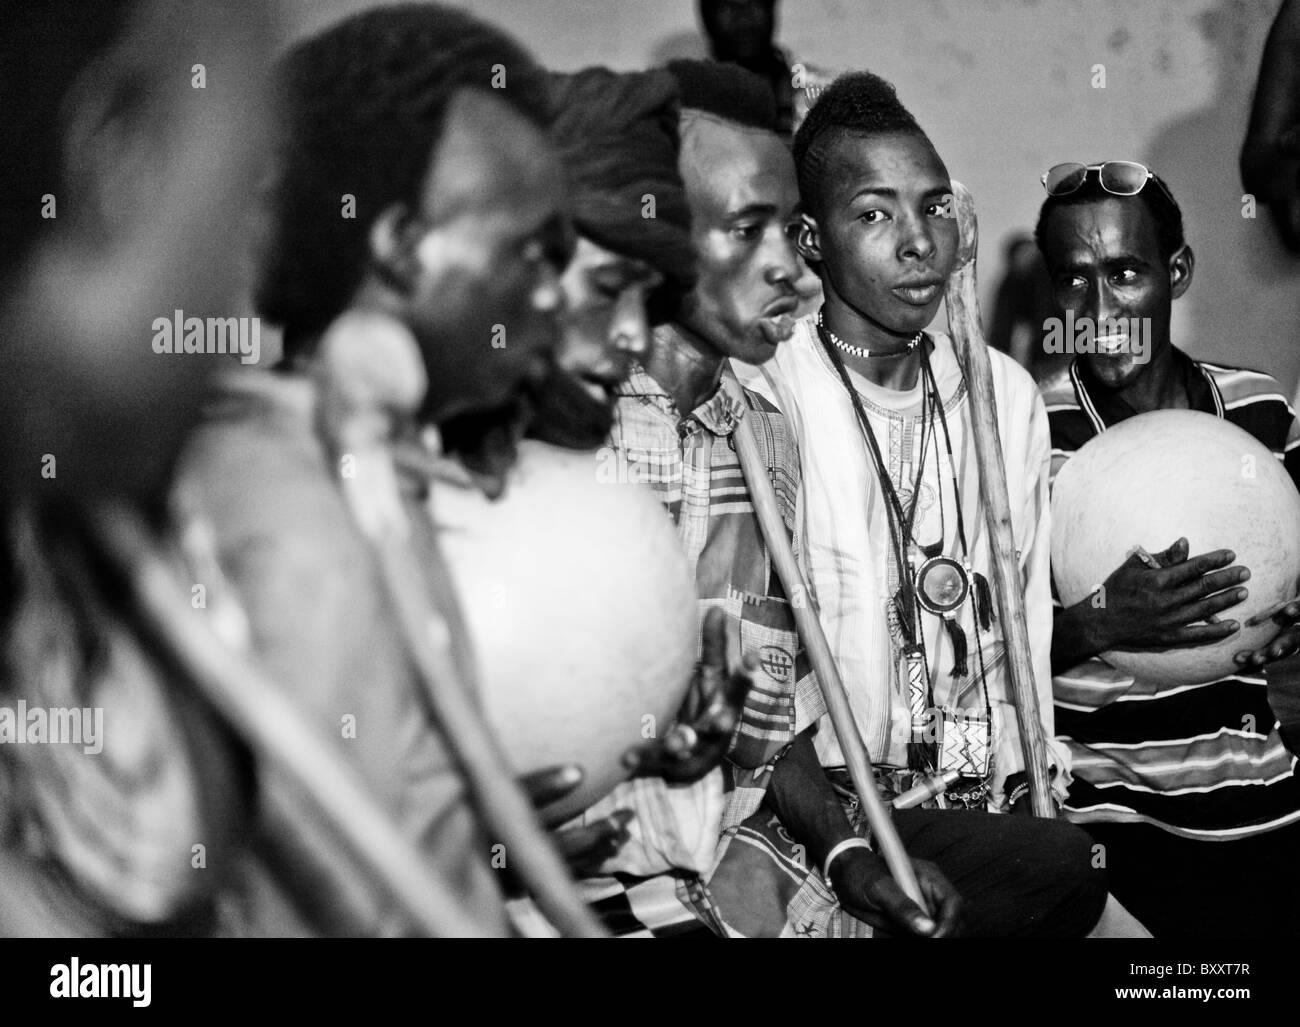 In the town of Djibo in northern Burkina Faso, Fulani 'doohoobe' (people who sing 'doohaali') dance - Stock Image